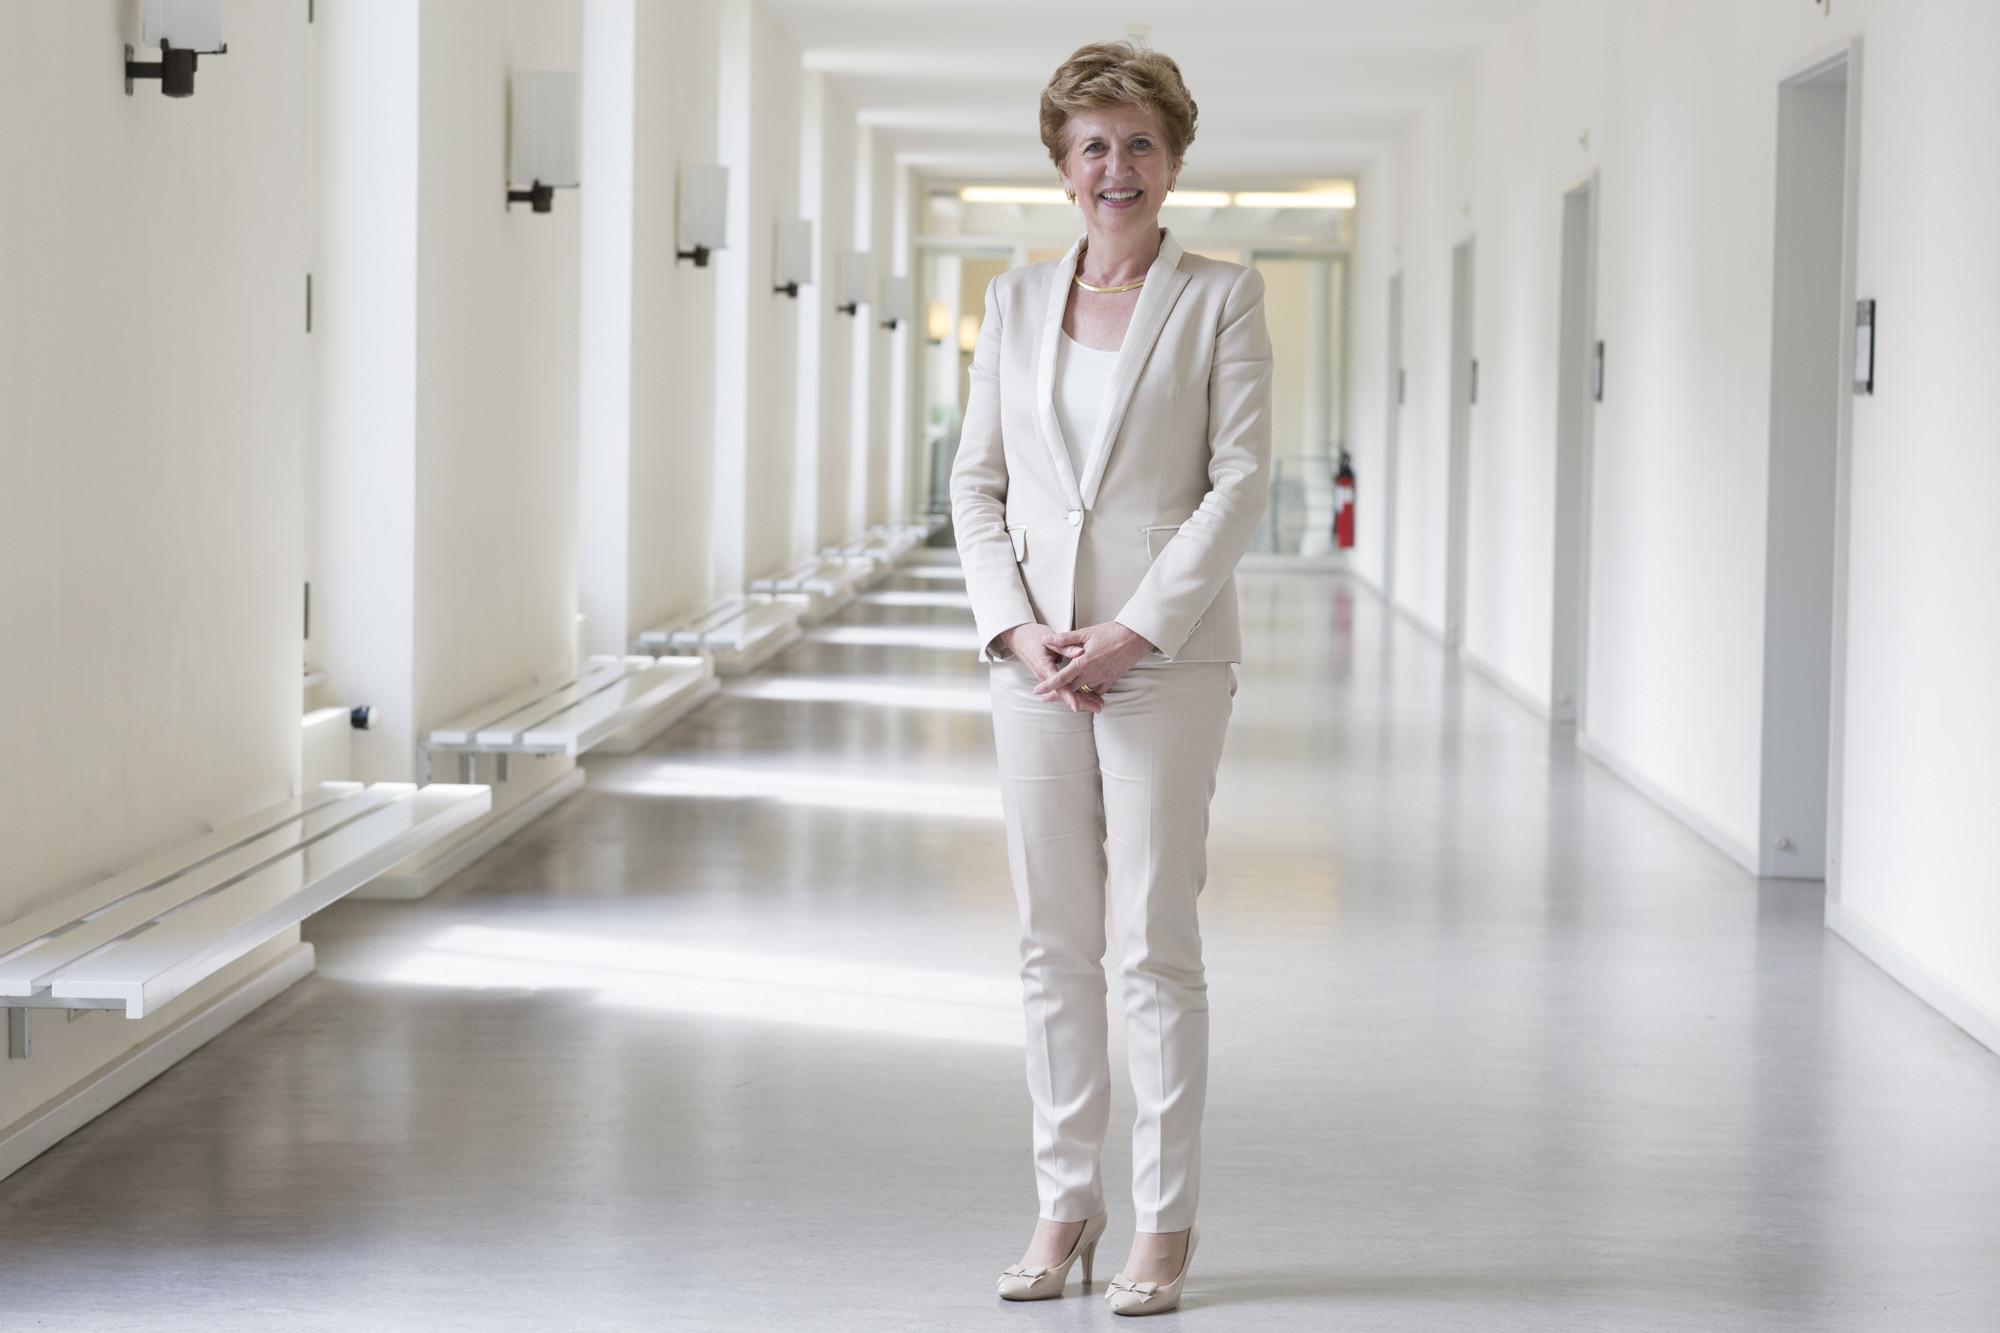 Bereits in den Gängen des Kollegiengebäudes anzutreffen: Andrea Schenker-Wicki, die neue Rektorin der Universität Basel